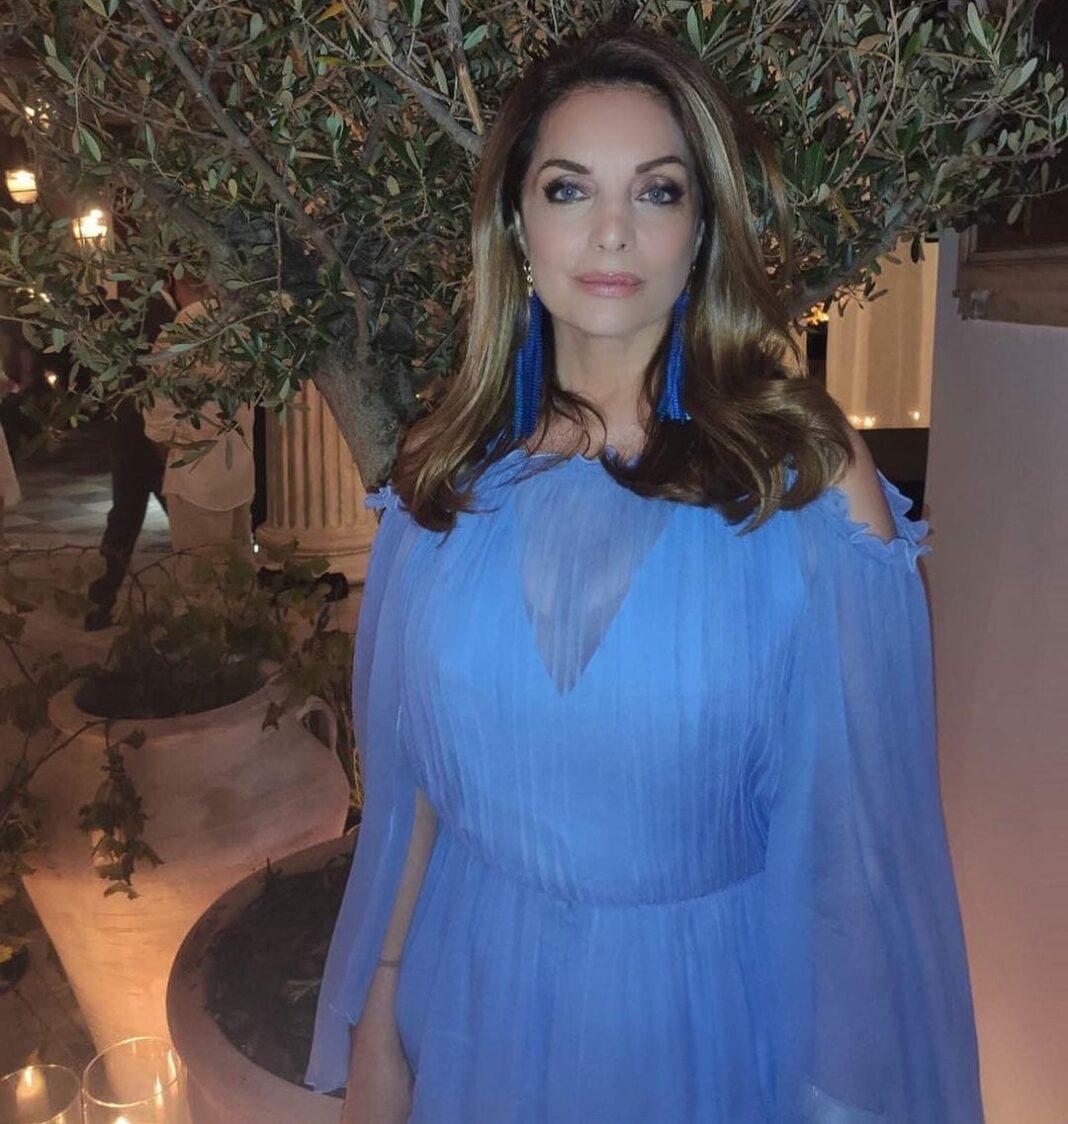 Άντζελα Γκερέκου: Η πρώτη ανάρτηση στο Instagram μετά την κηδεία του Τόλη Βοσκόπουλου